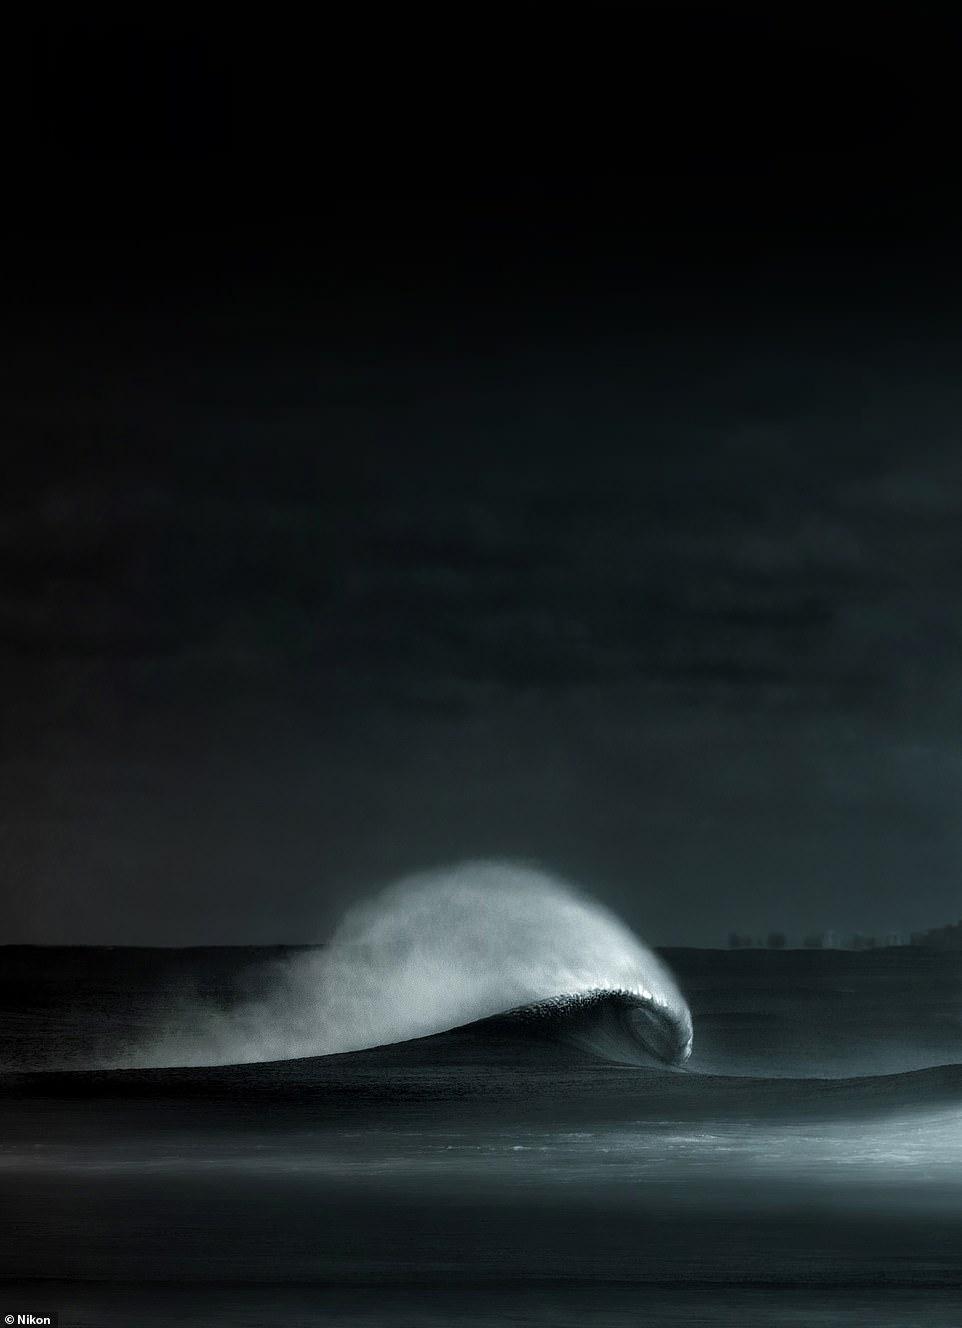 Лучшие работы с фотоконкурса Nikon Surf Photo за 2019 год